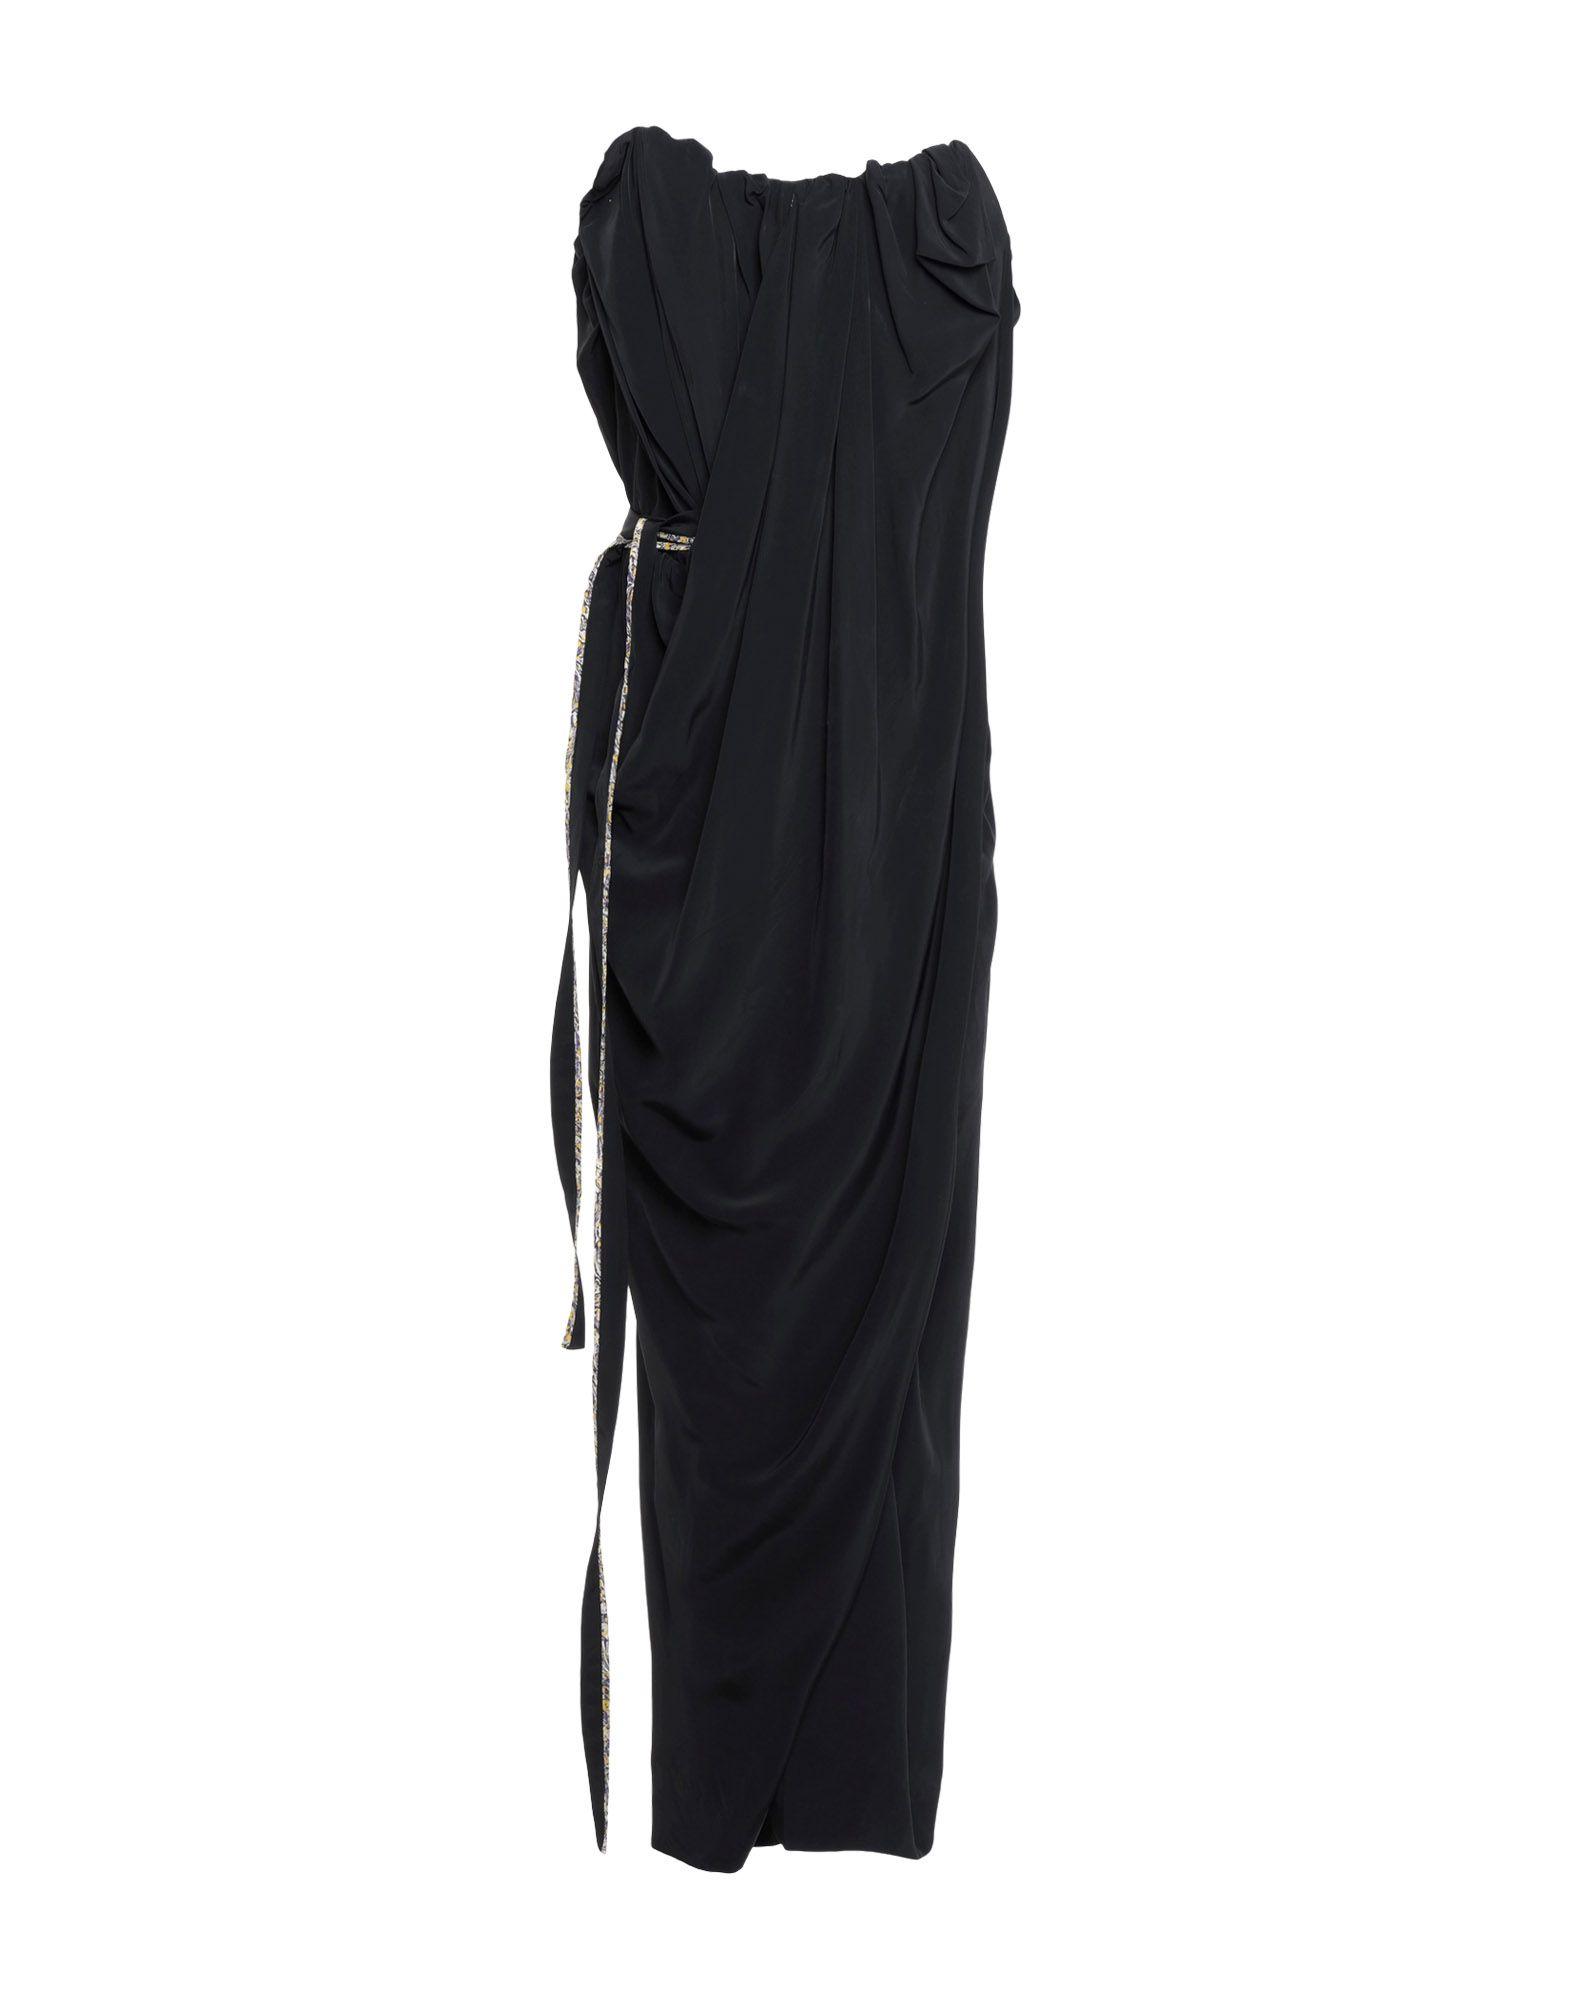 купить ANDREAS KRONTHALER for VIVIENNE WESTWOOD Длинное платье по цене 88800 рублей